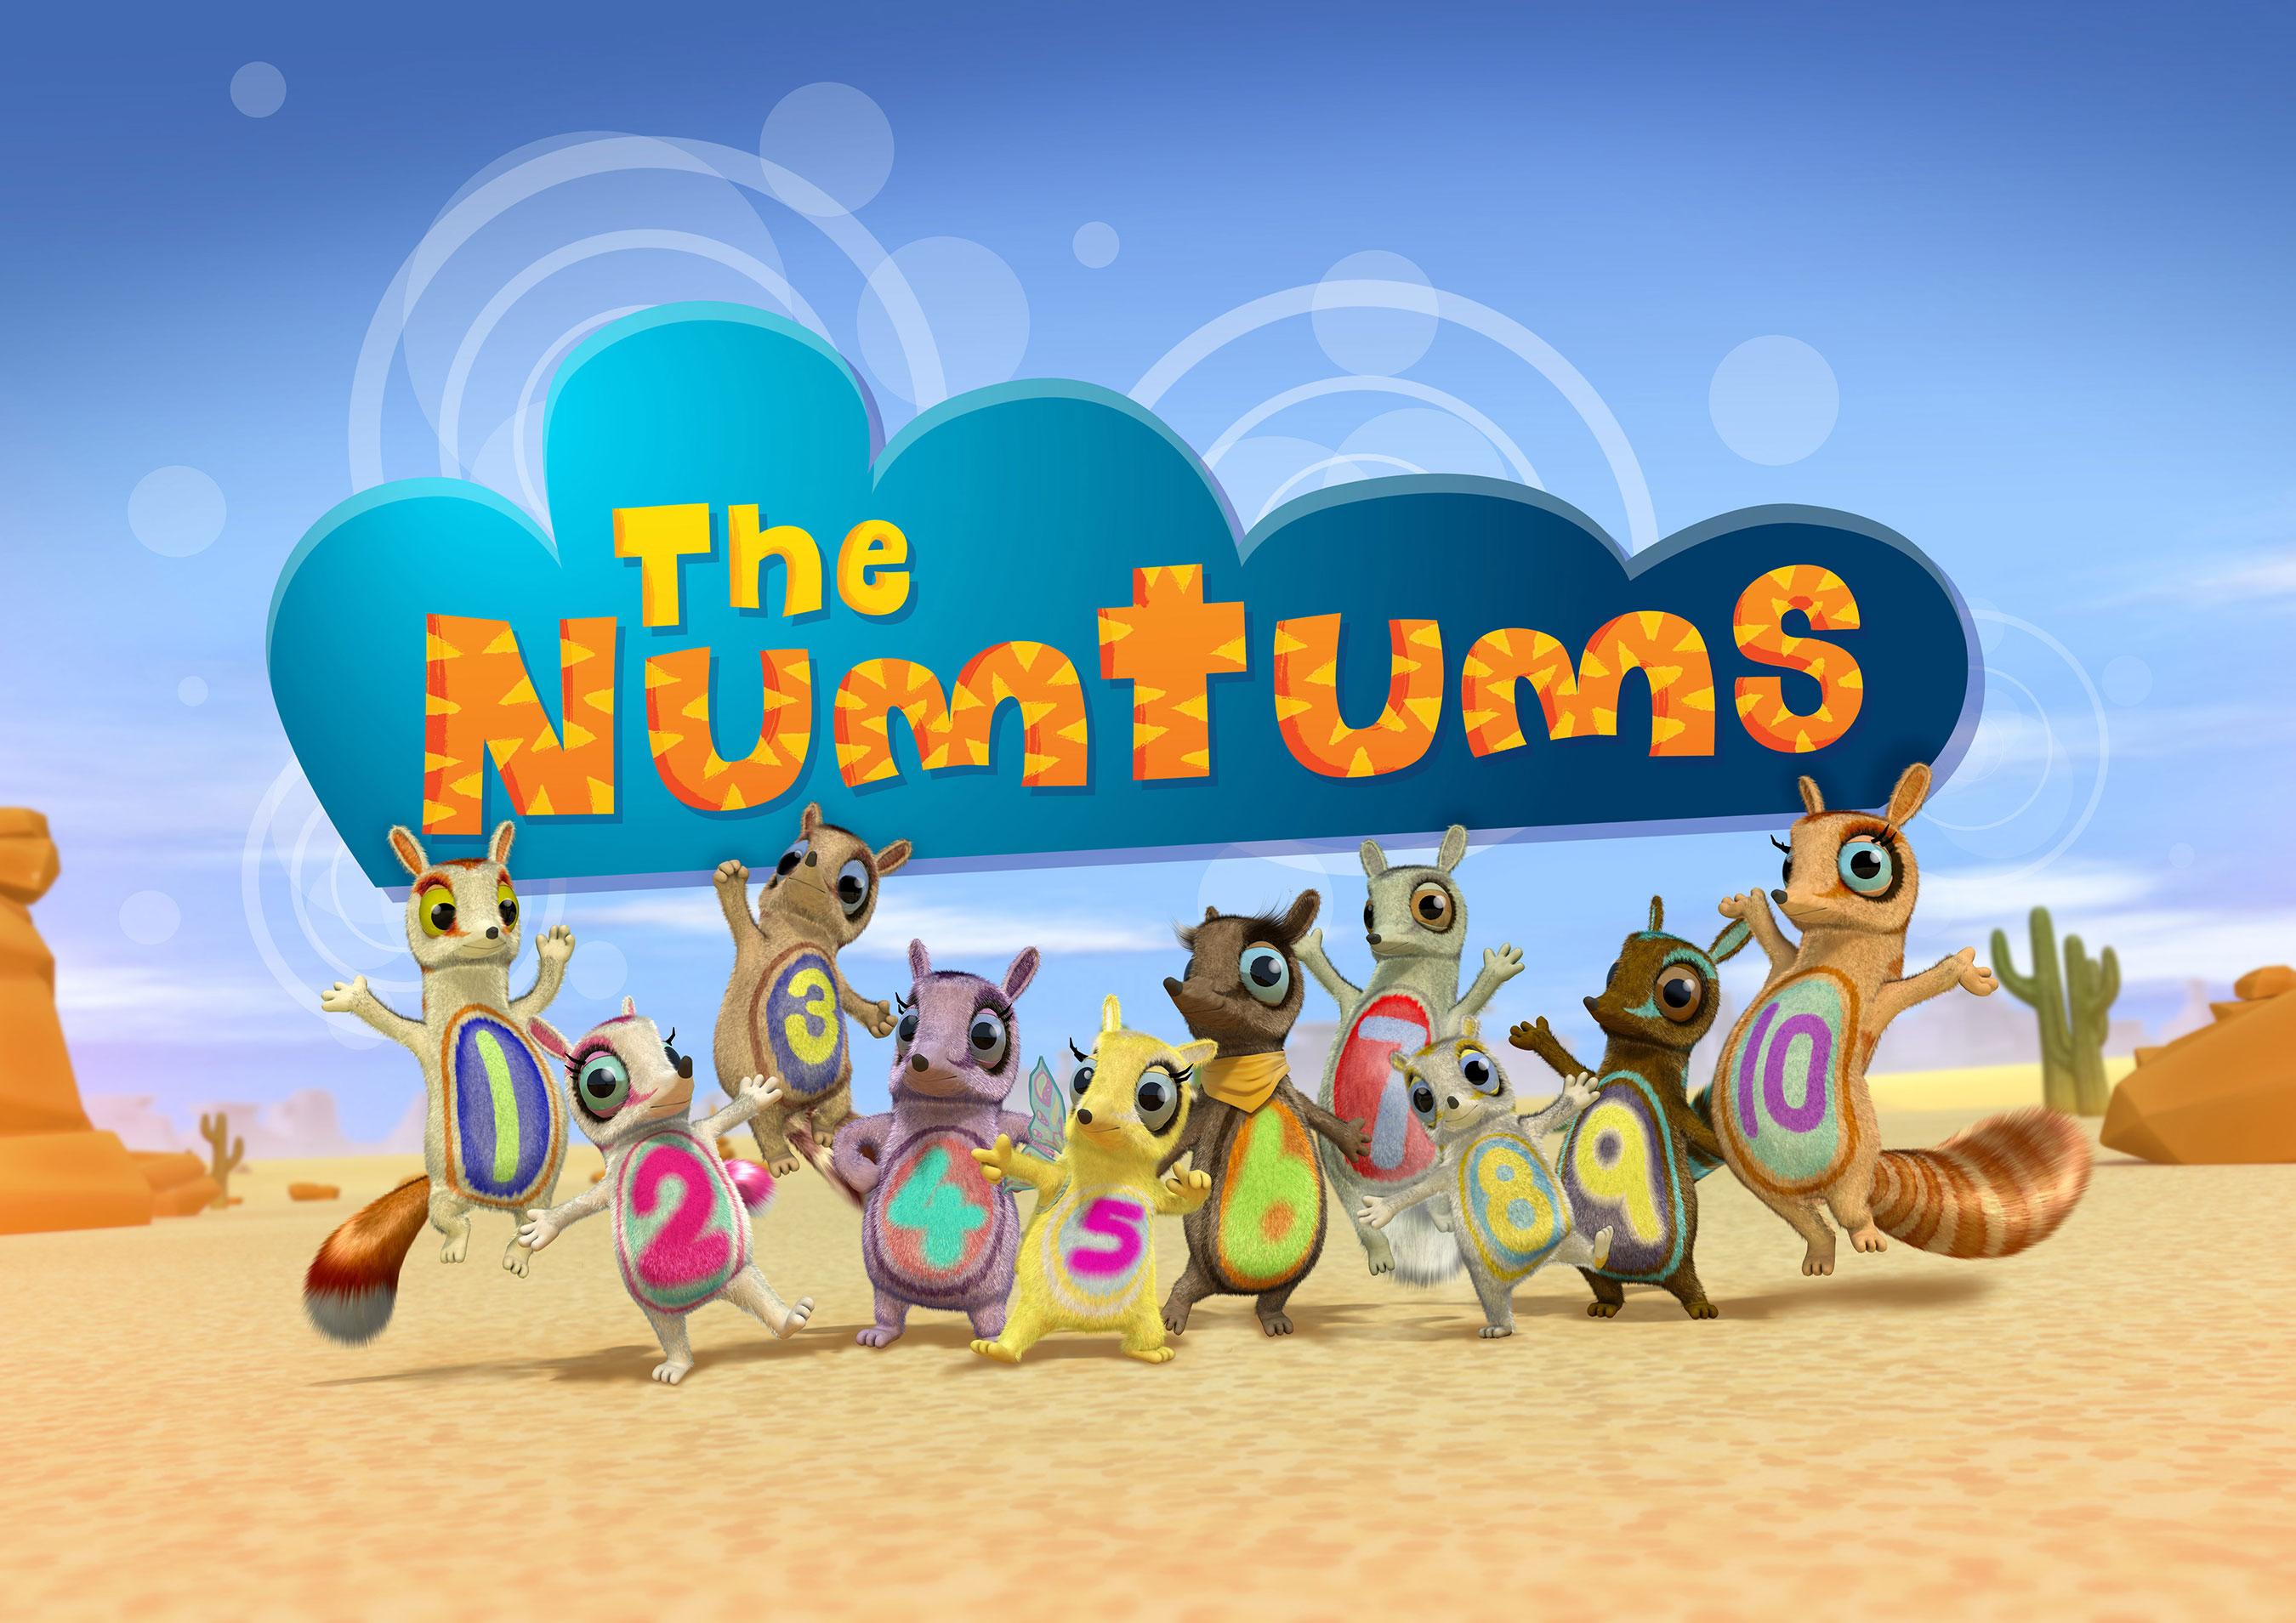 数字虫 Numtums动画片英文版